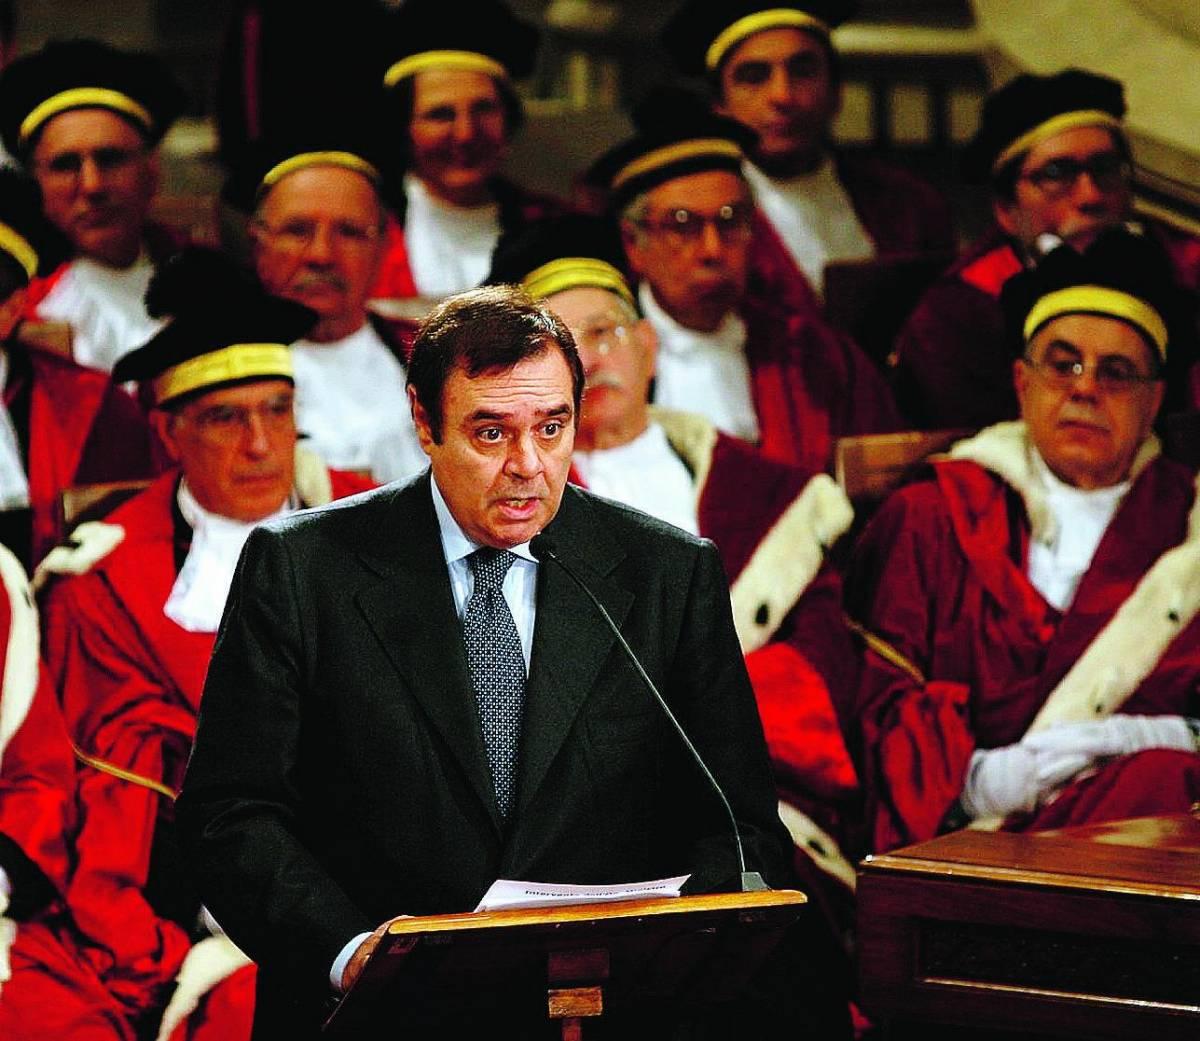 Giustizia, la riforma Mastella parte già azzoppata